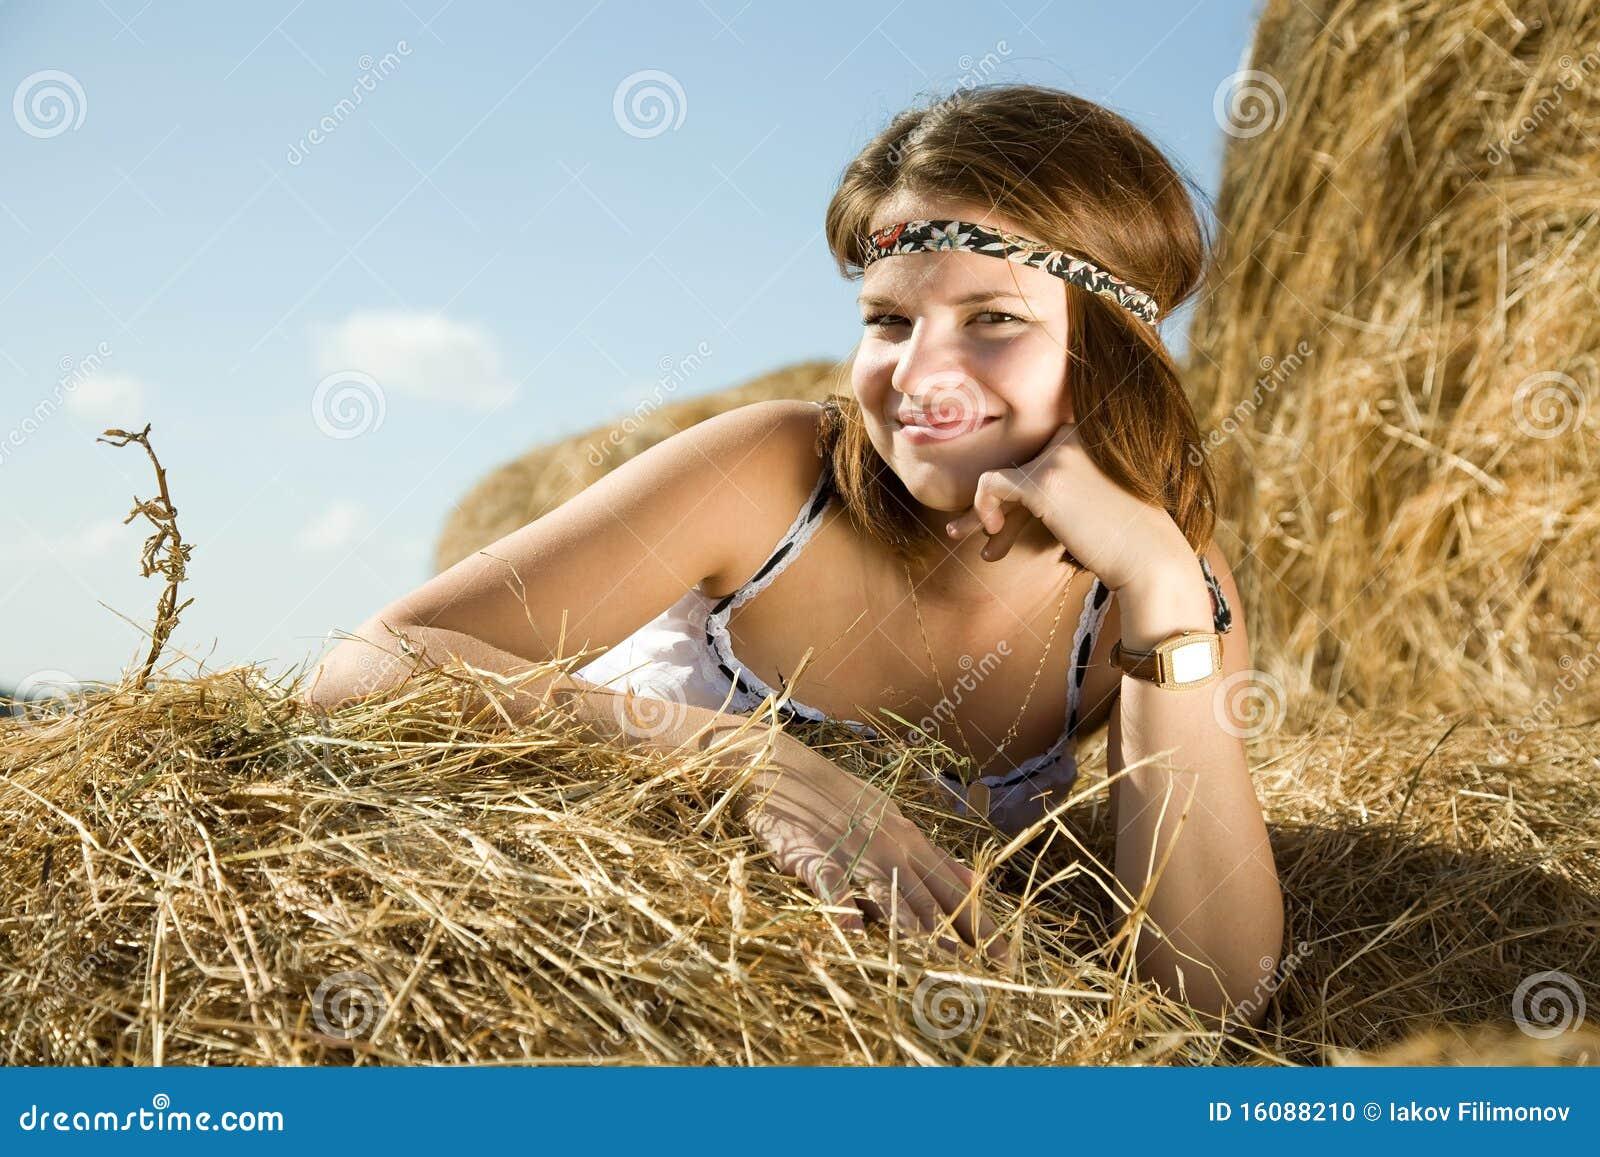 Спокойные деревенские женщины 4 фотография